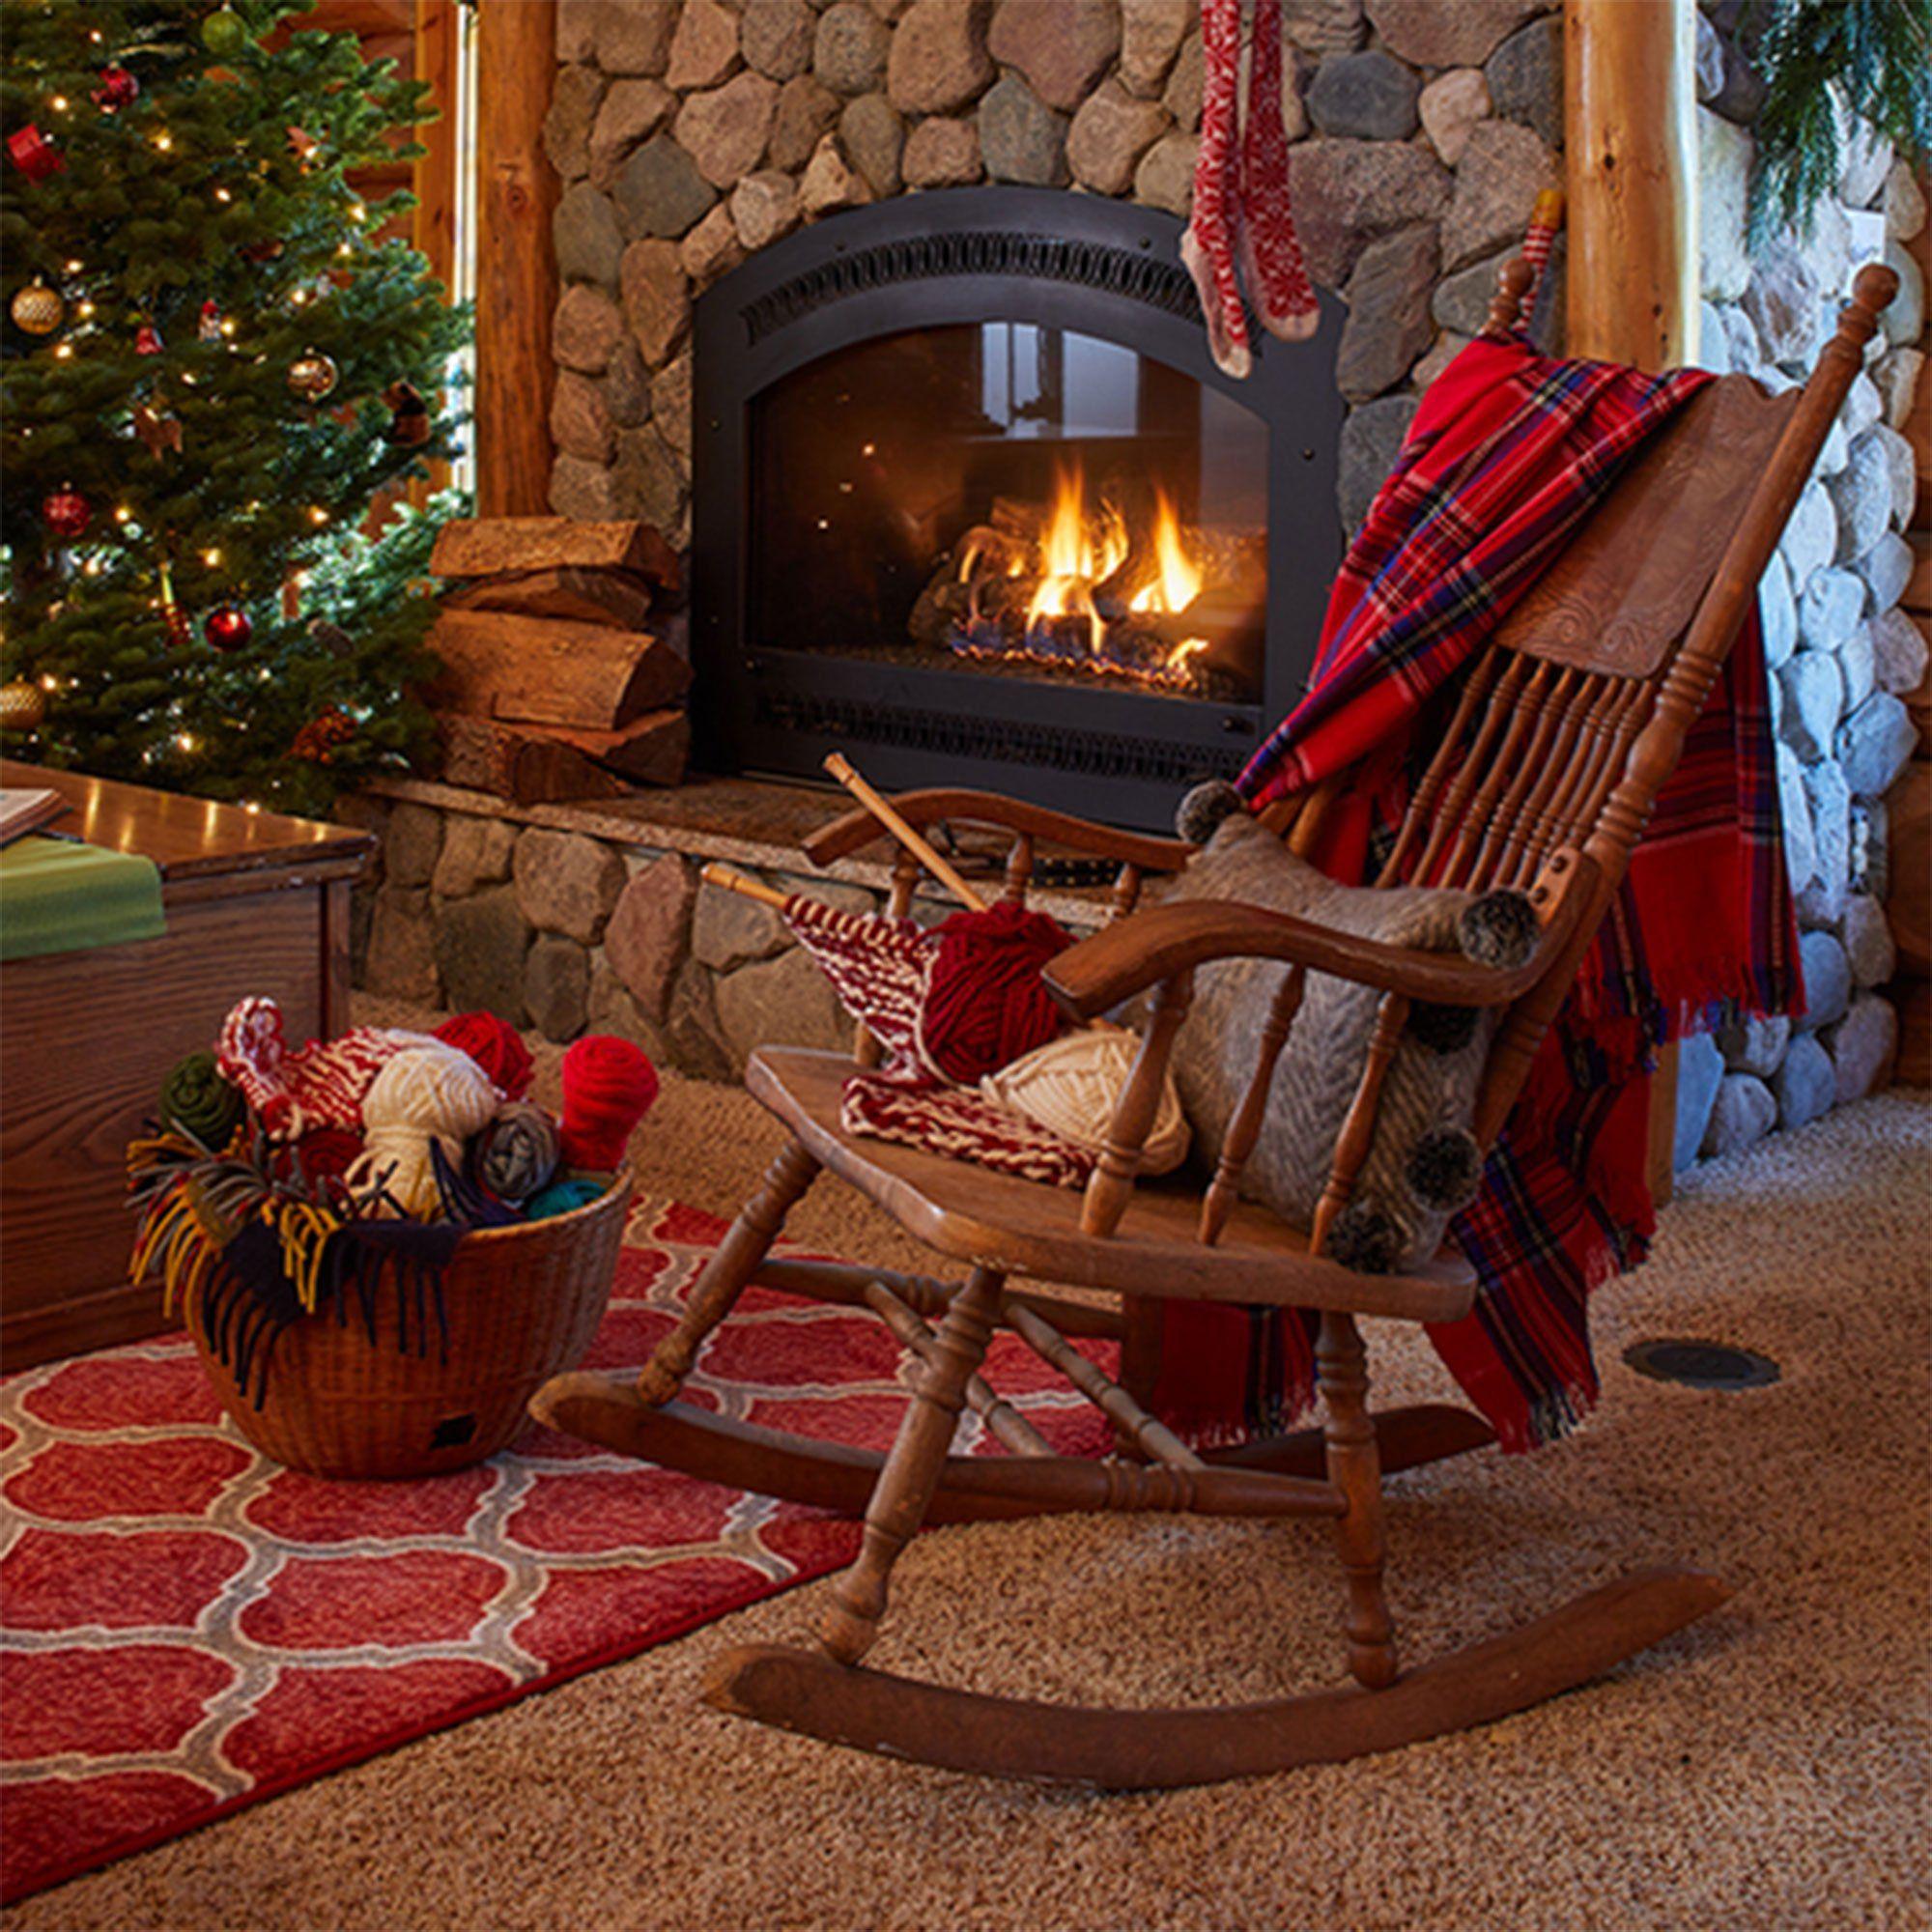 La maison du Père Noël existe au Pôle Nord et elle est géniale   Maison du pere noel, Noel et ...